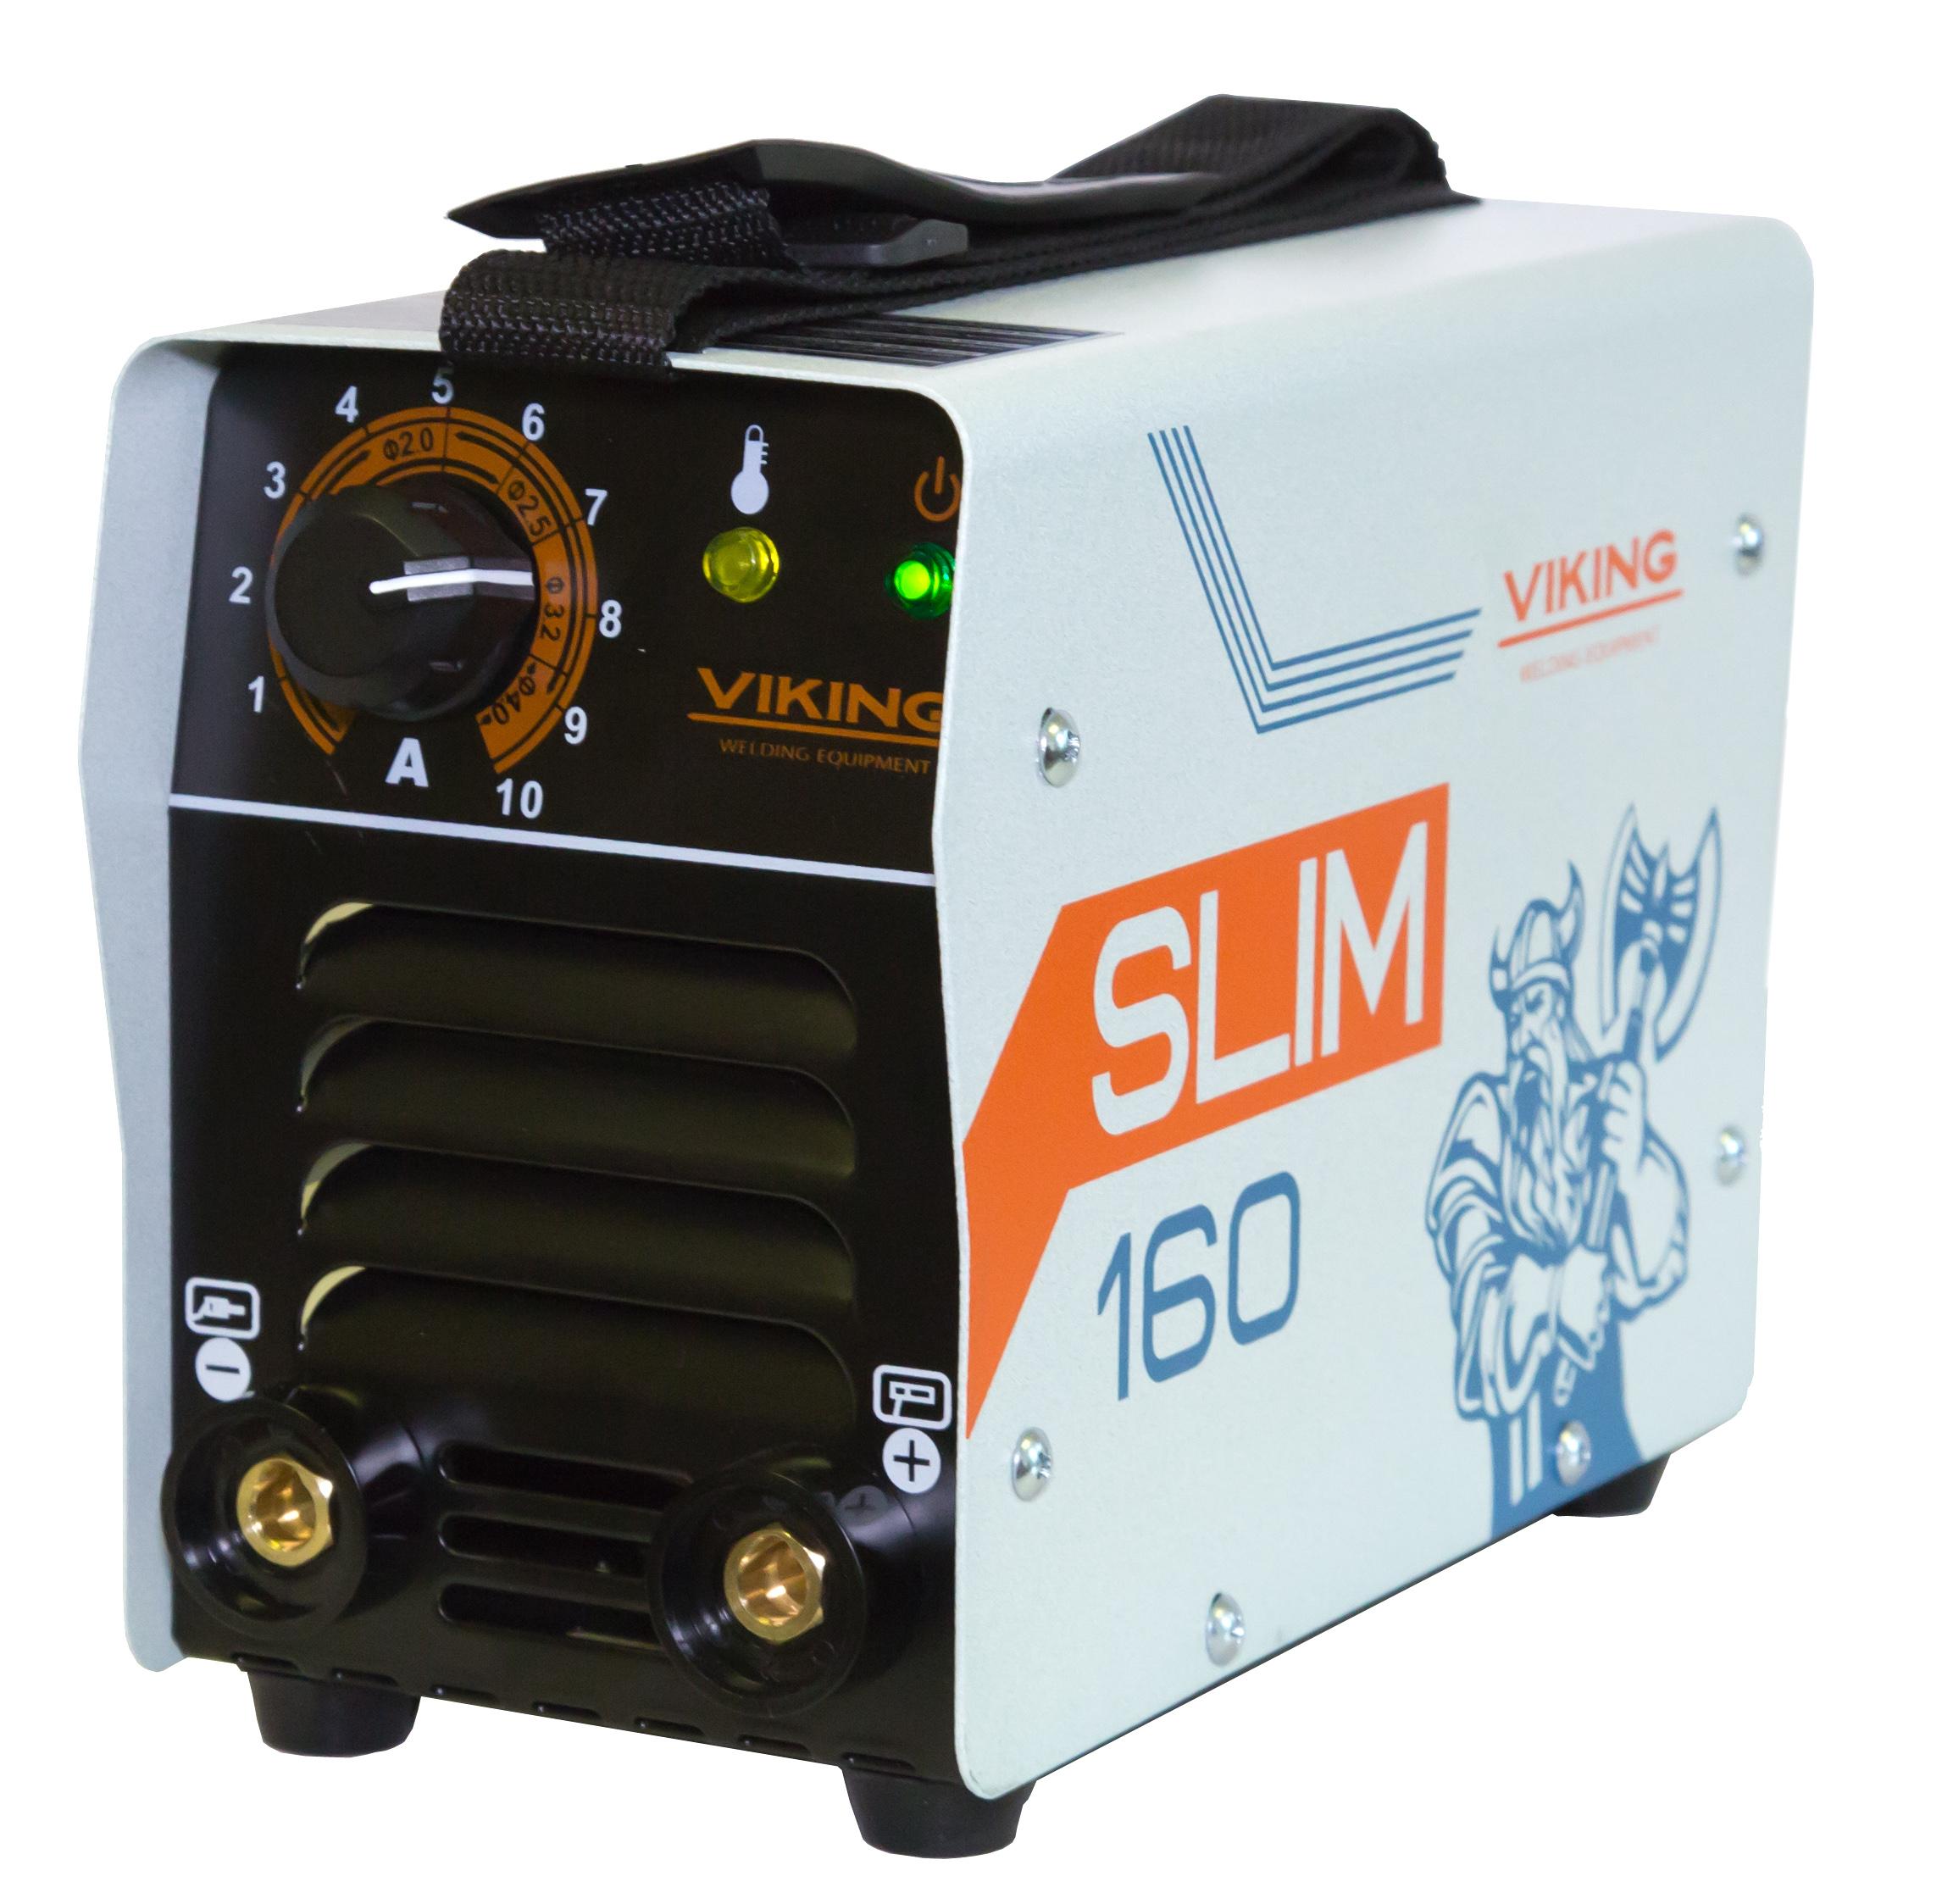 Сварочный аппарат Viking 160 slim (ММА) сварочный трансформатор спец мма 180 ас s